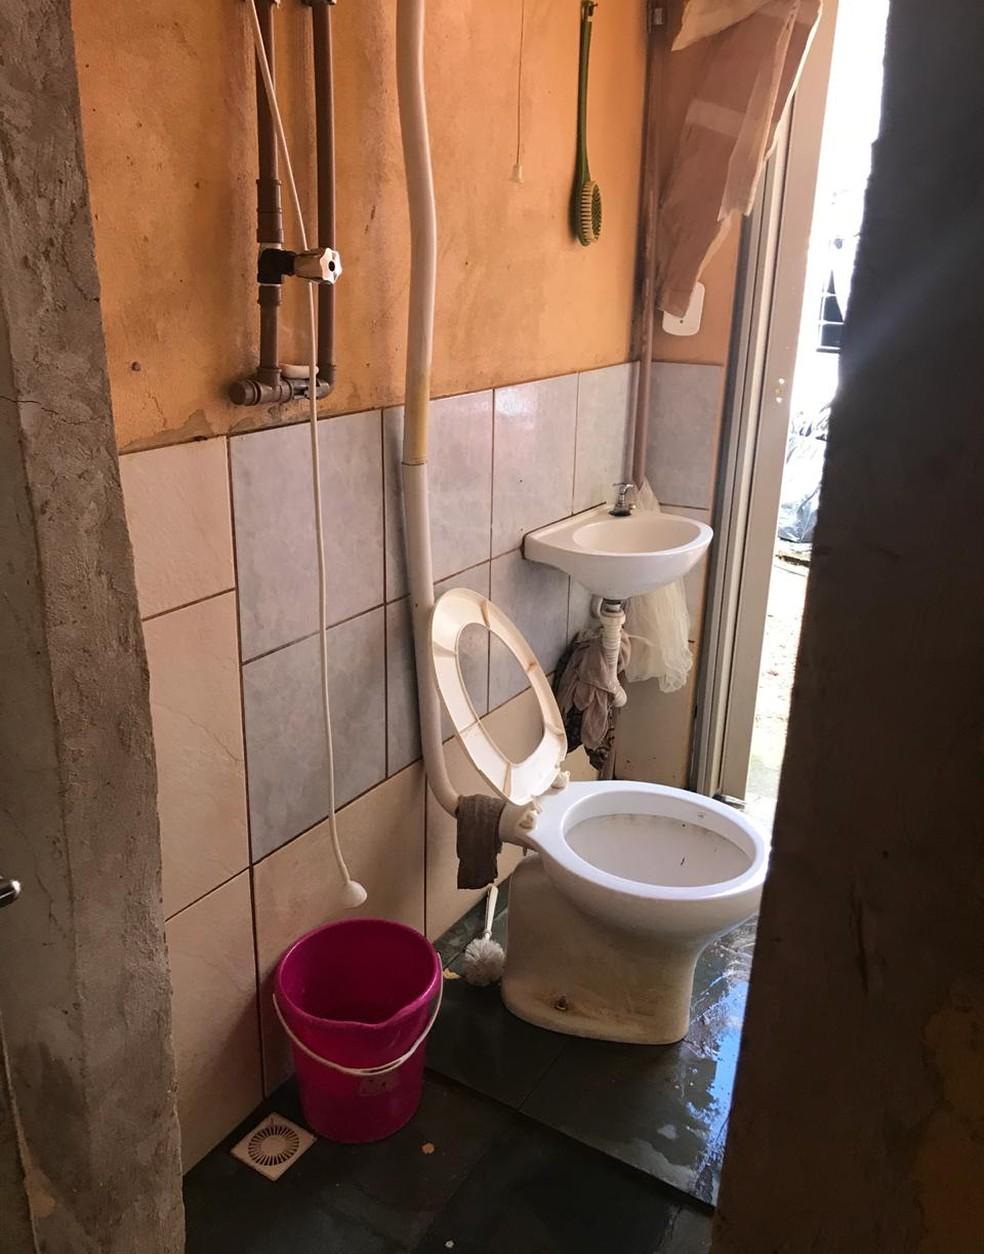 Banheiro em quarto dos fundos onde idosos vítimas de maus-tratos viviam — Foto: PCDF/Divulgação